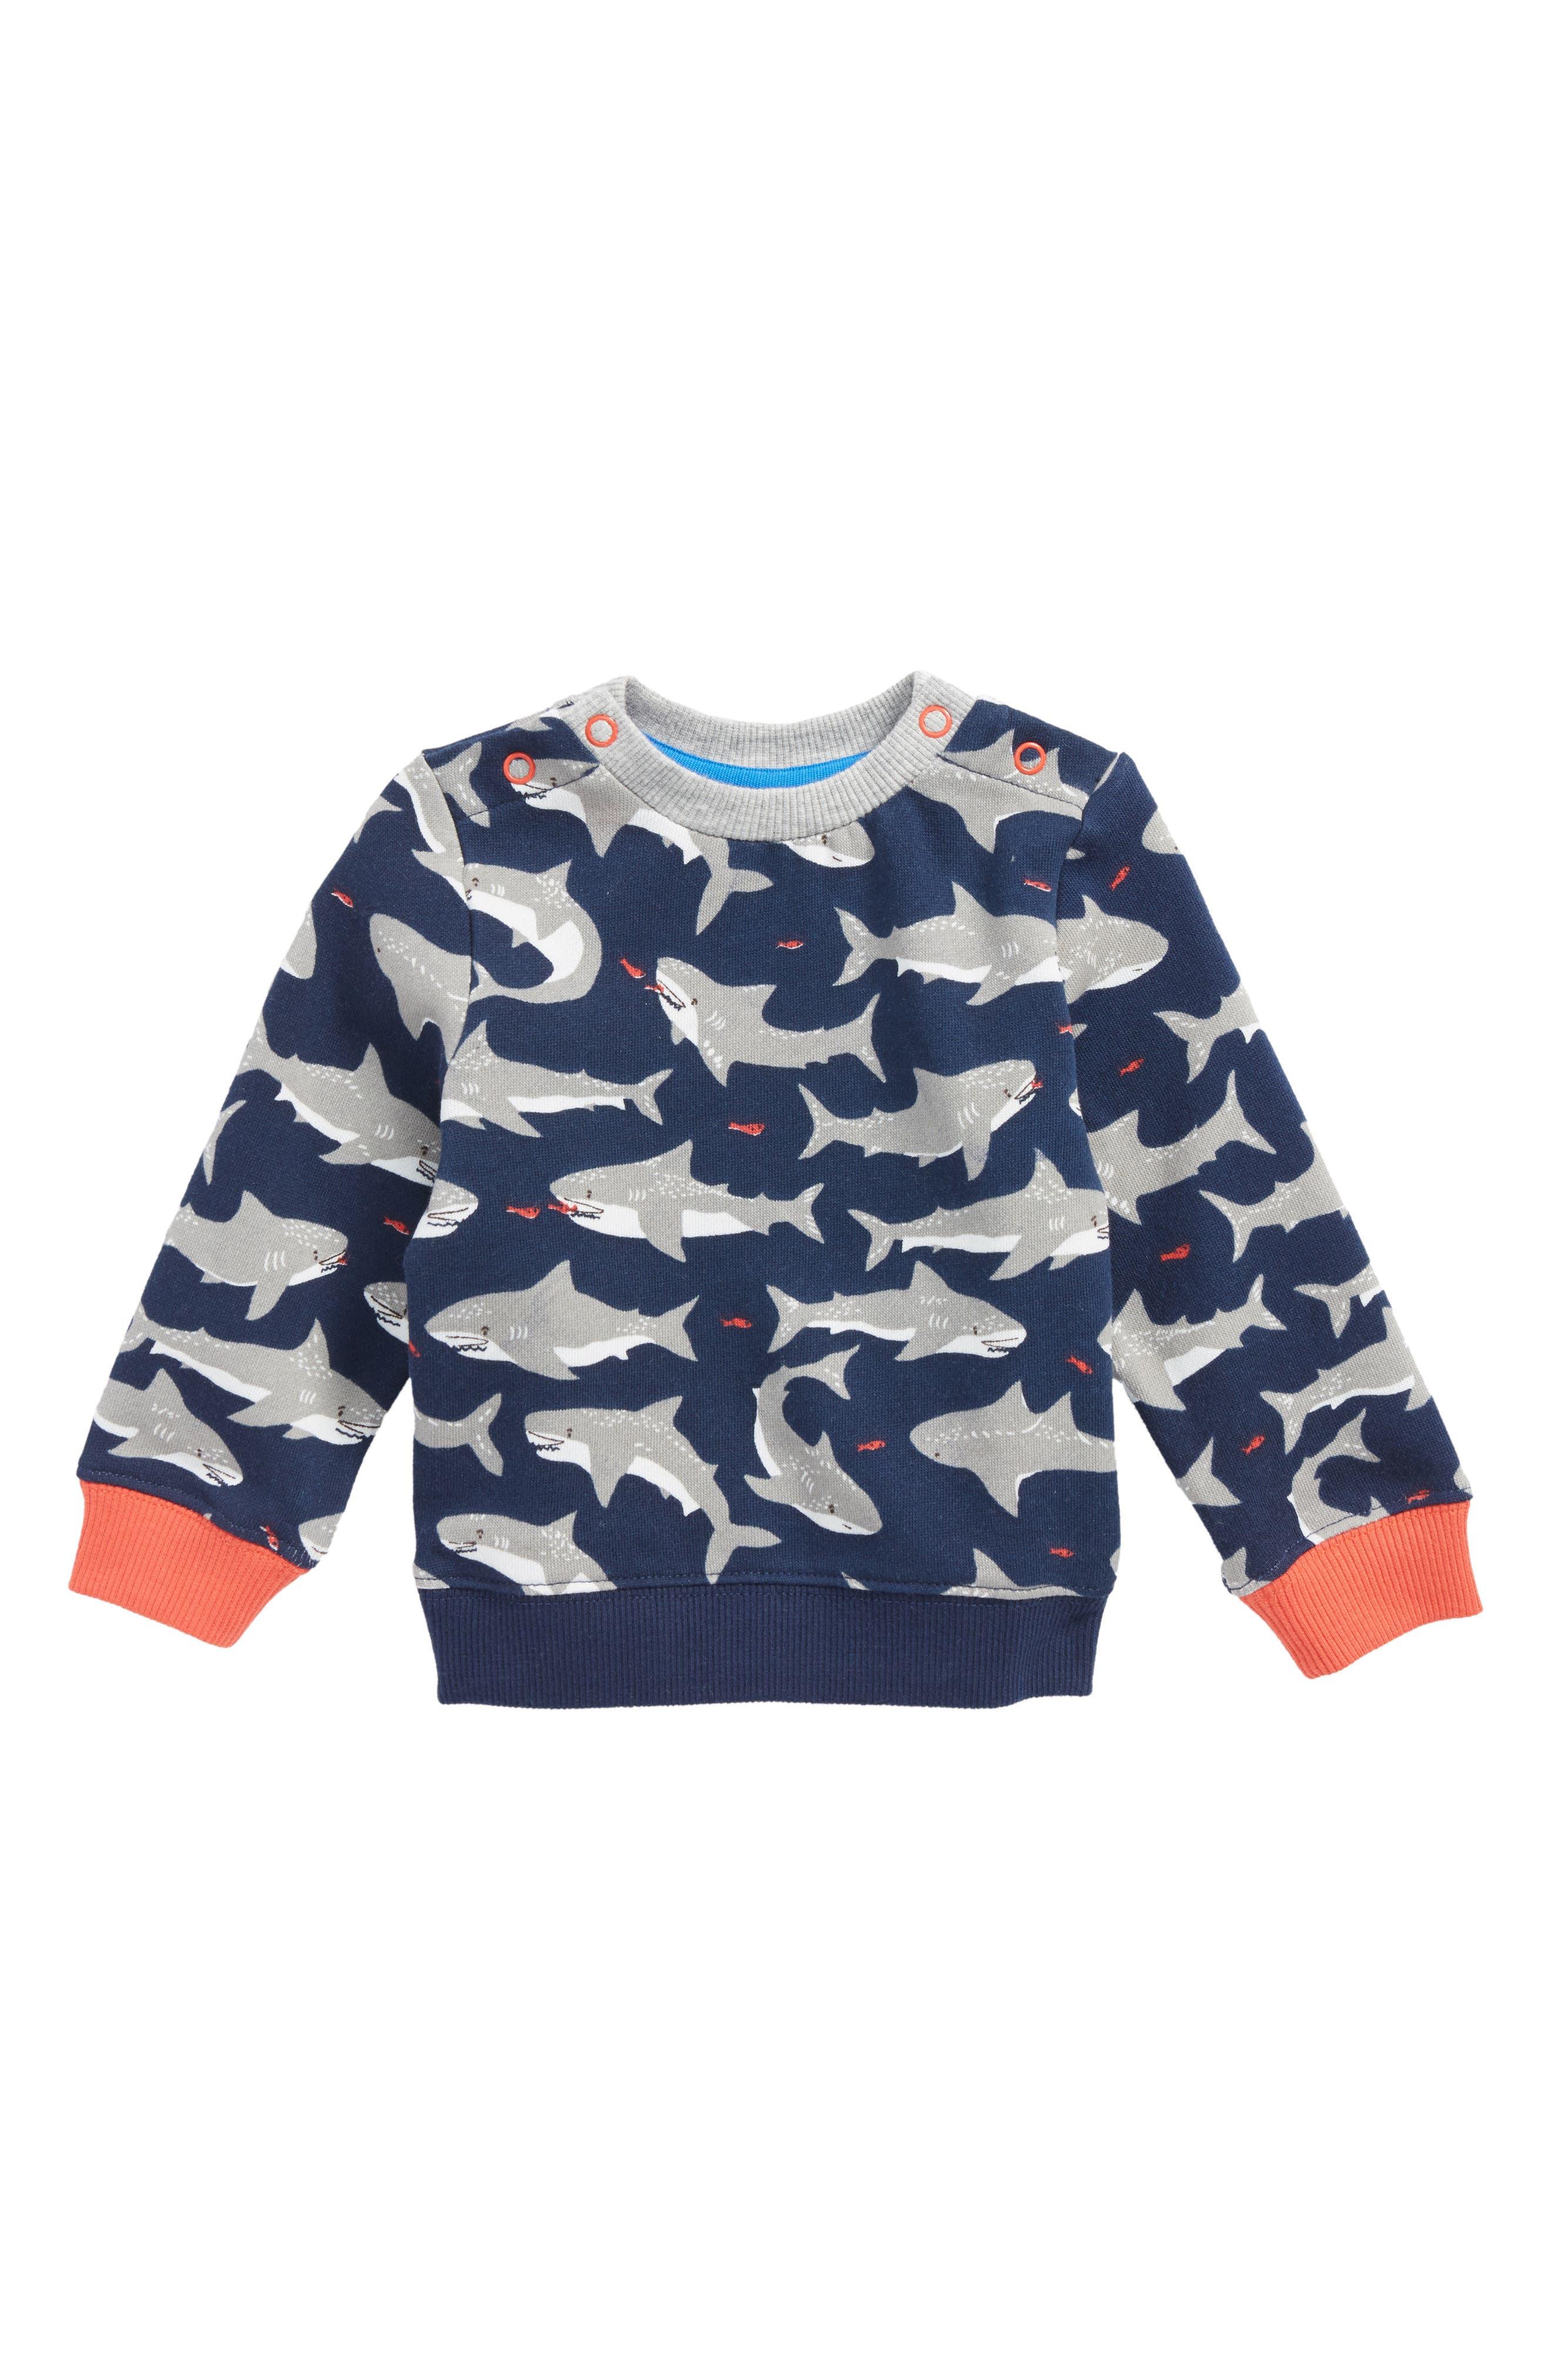 Cozy Shark Sweatshirt,                         Main,                         color, 404